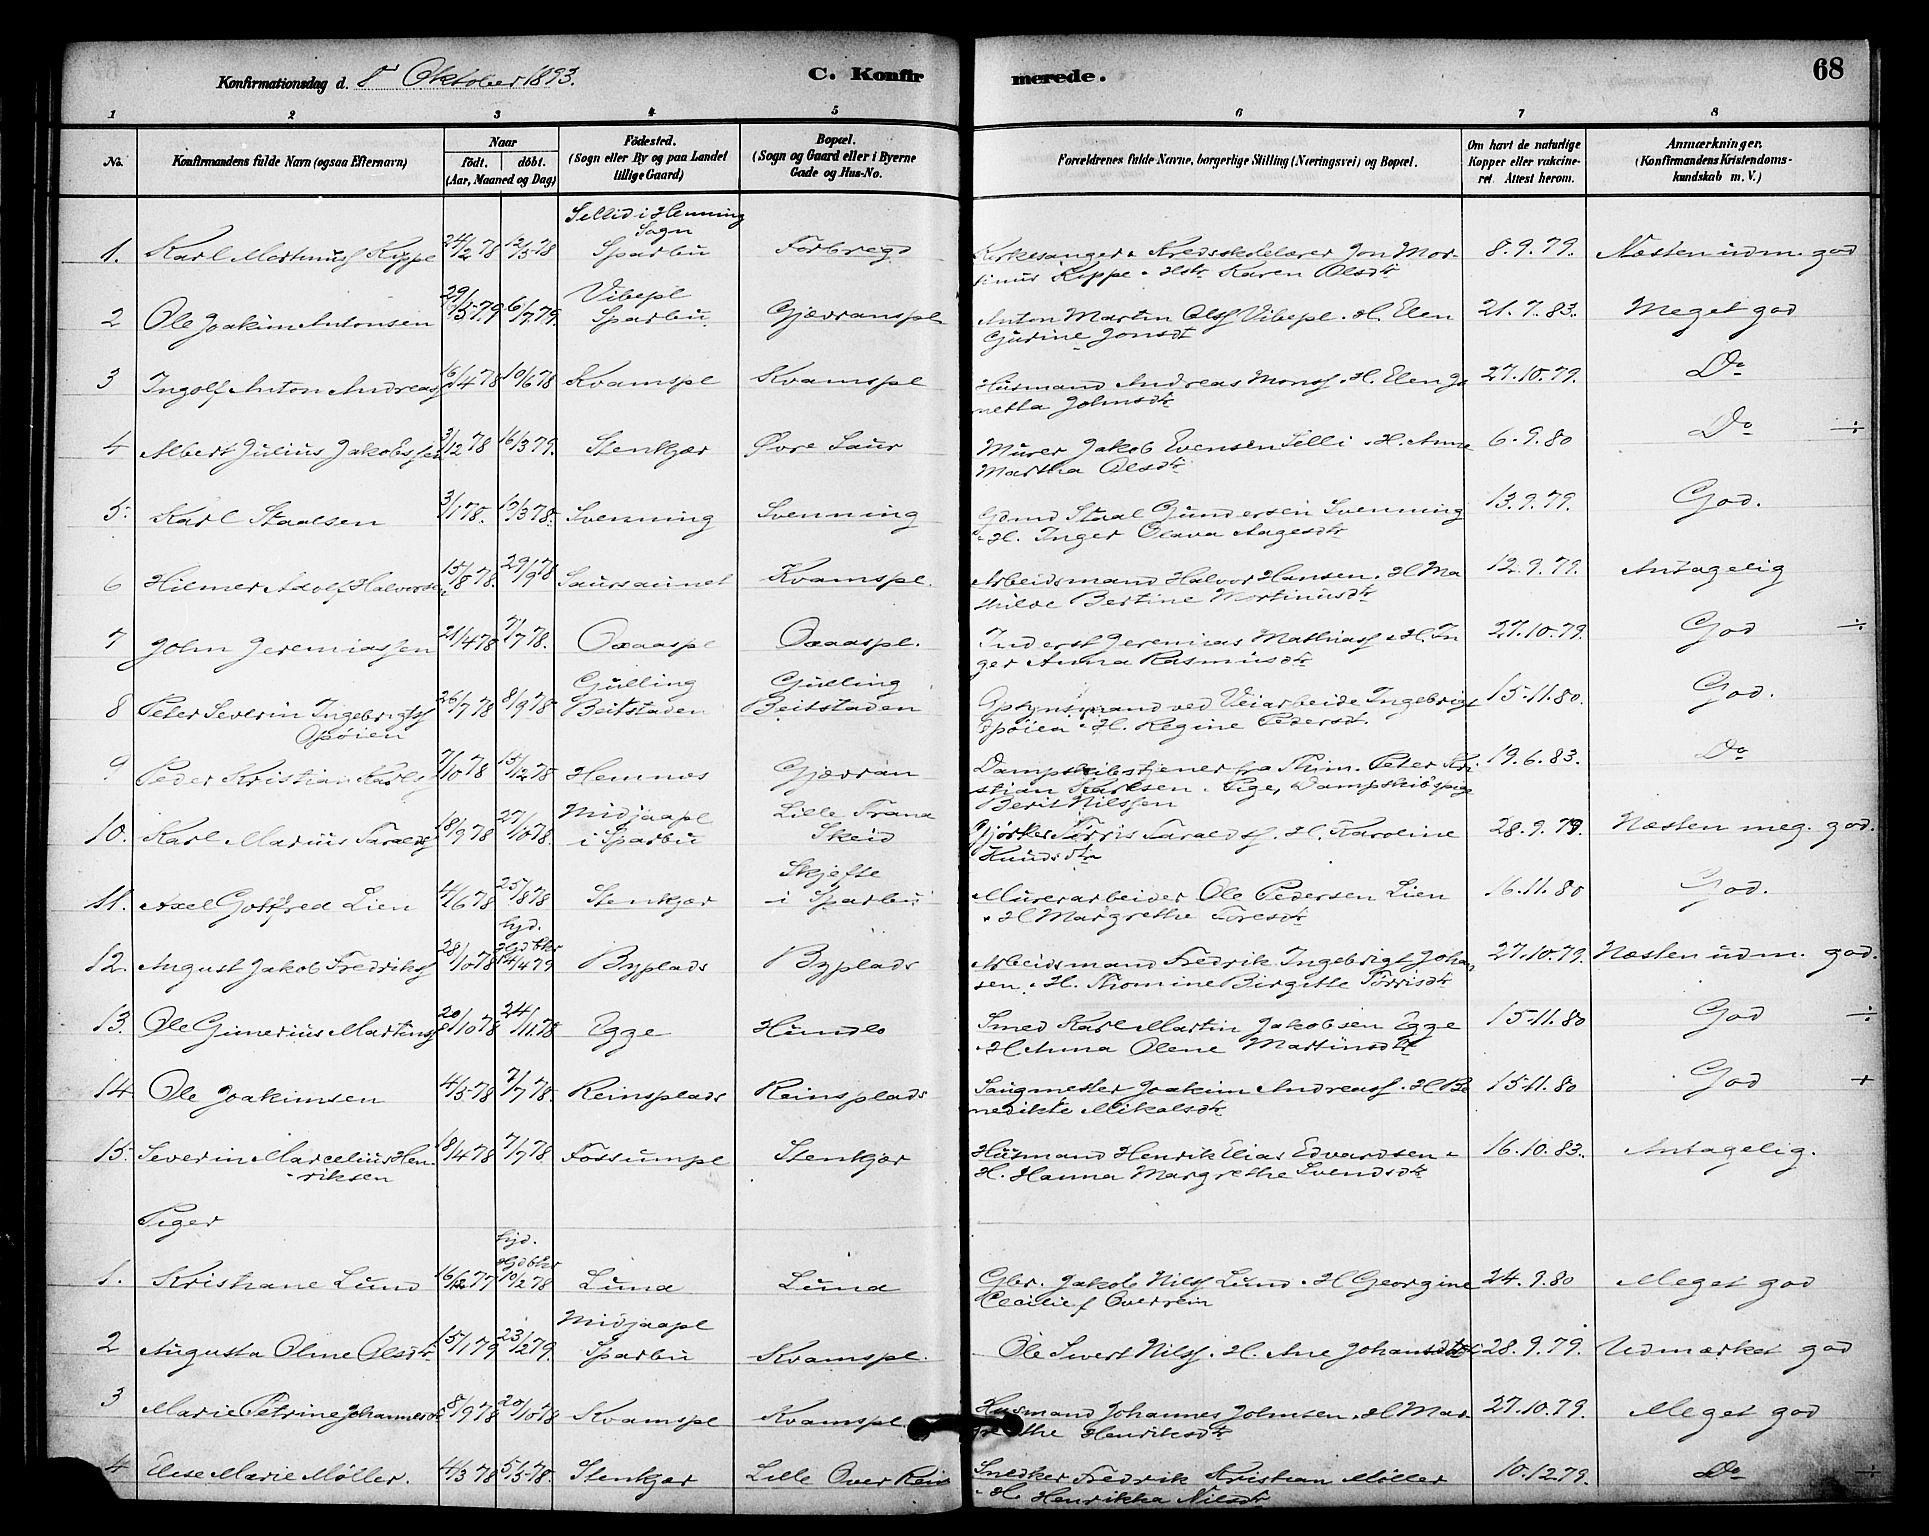 SAT, Ministerialprotokoller, klokkerbøker og fødselsregistre - Nord-Trøndelag, 740/L0378: Ministerialbok nr. 740A01, 1881-1895, s. 68